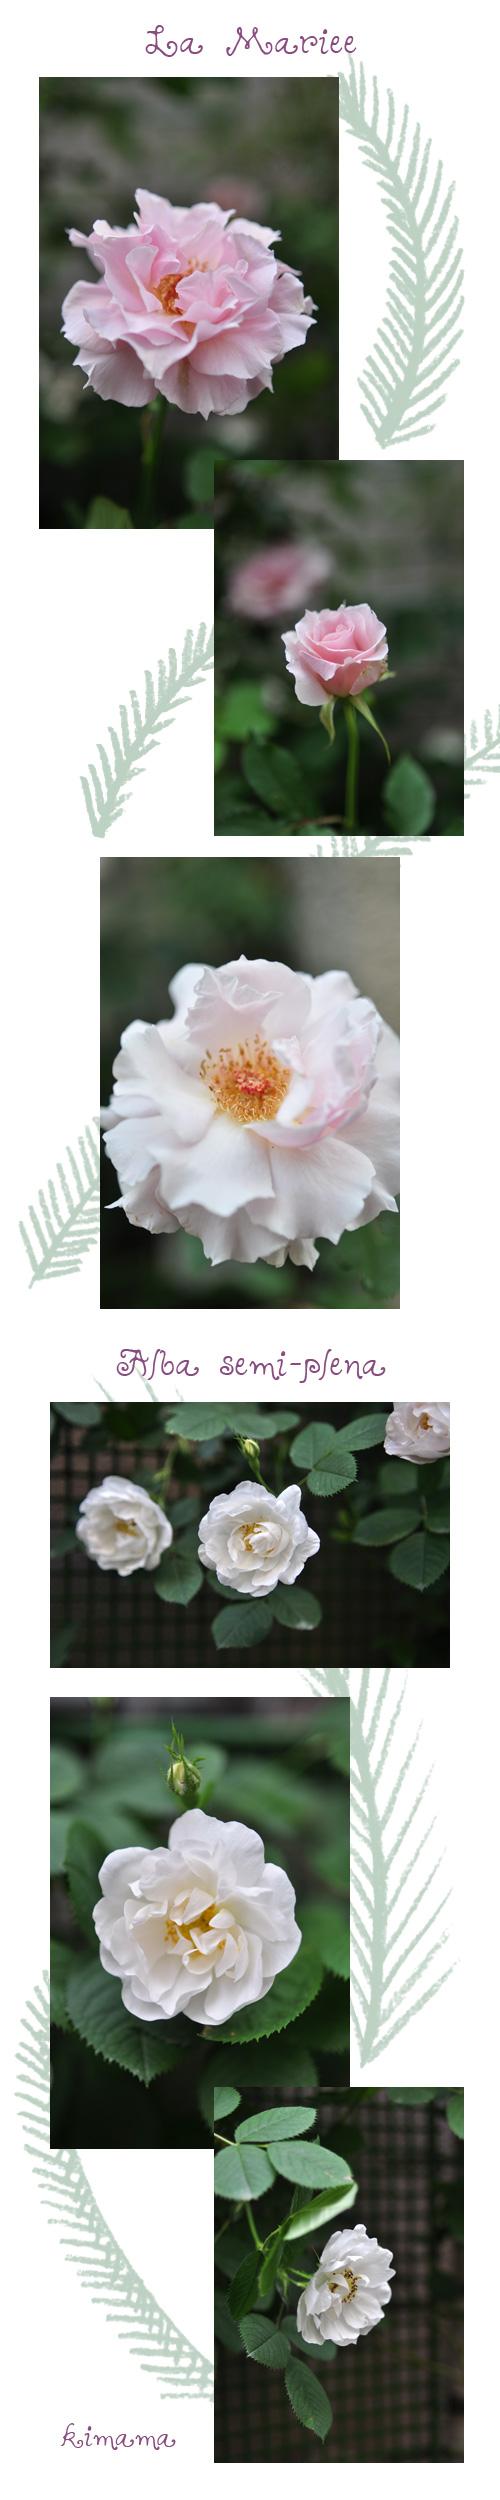 5月18日お気に入りの薔薇